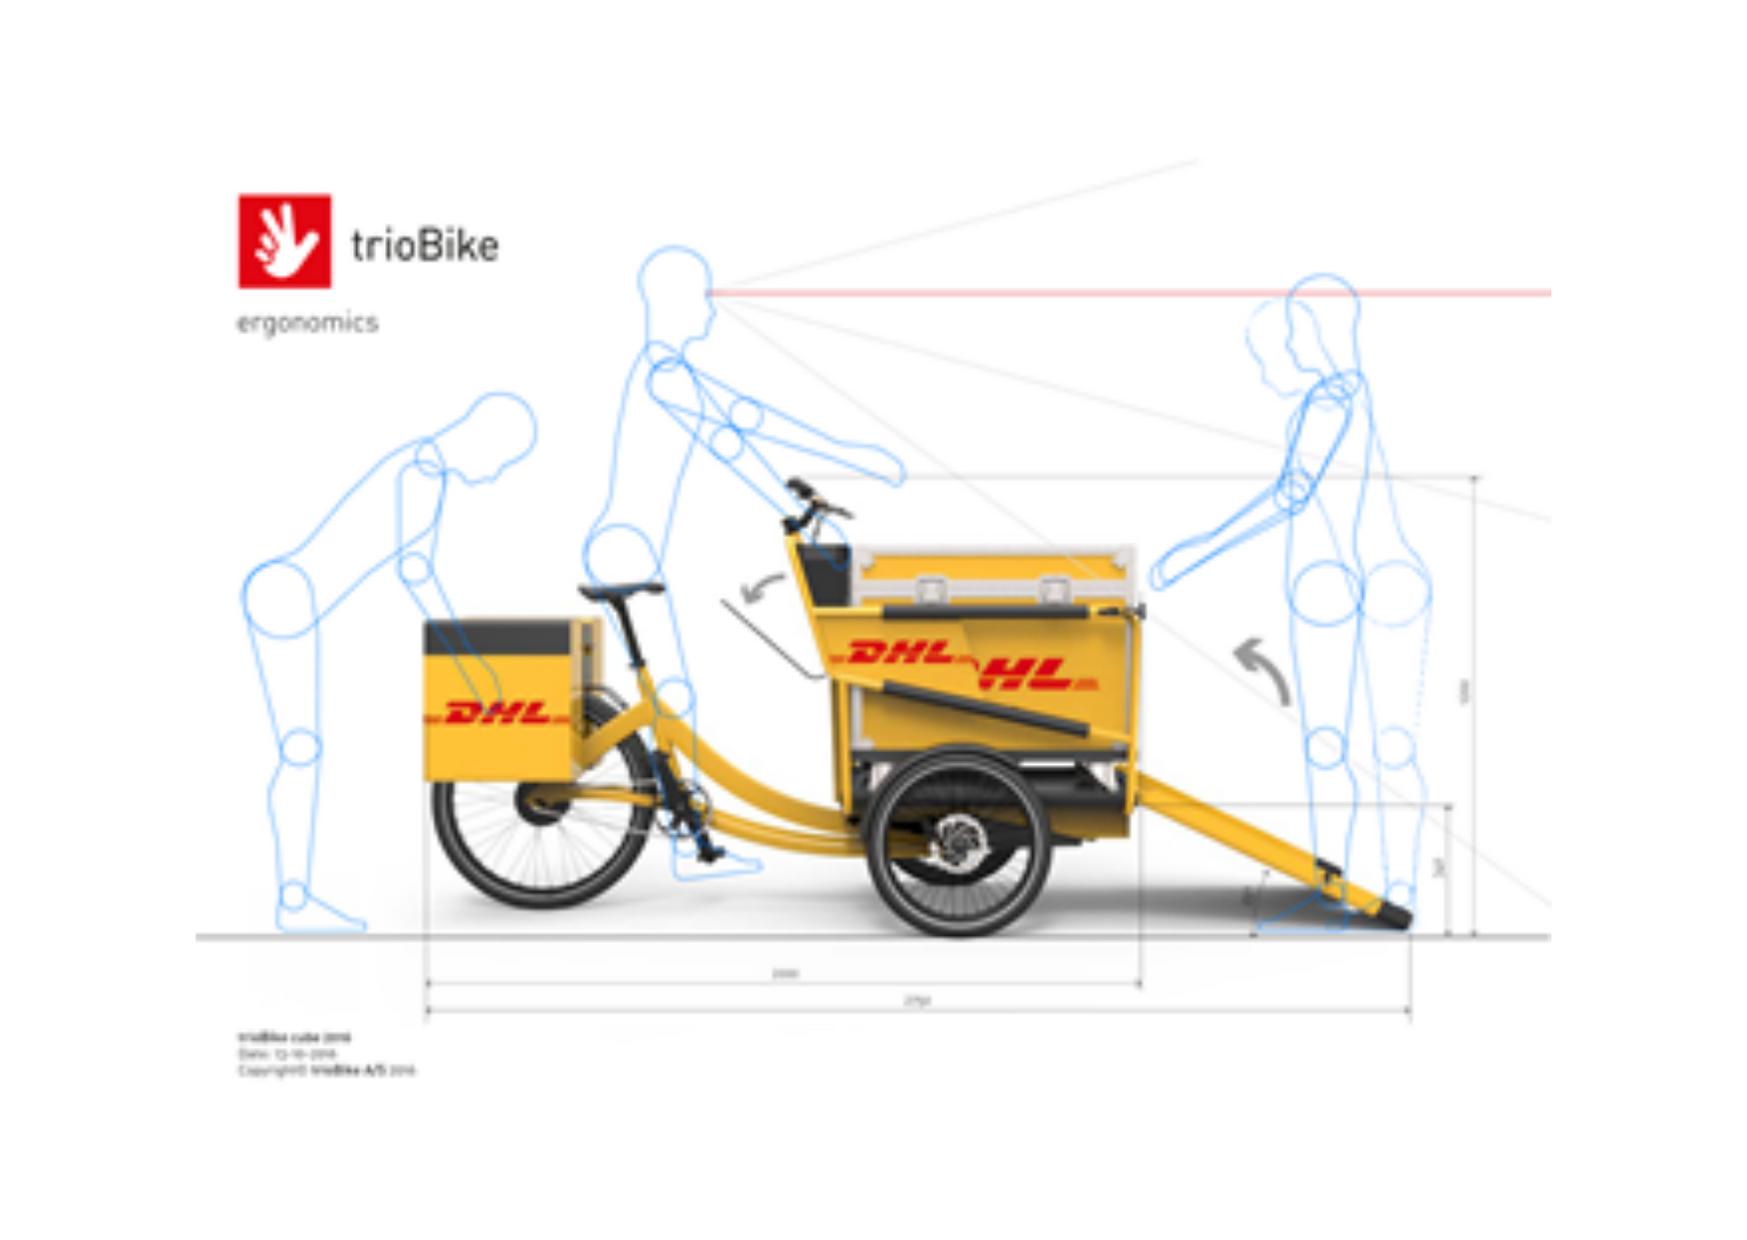 Vélo Triobike logistique